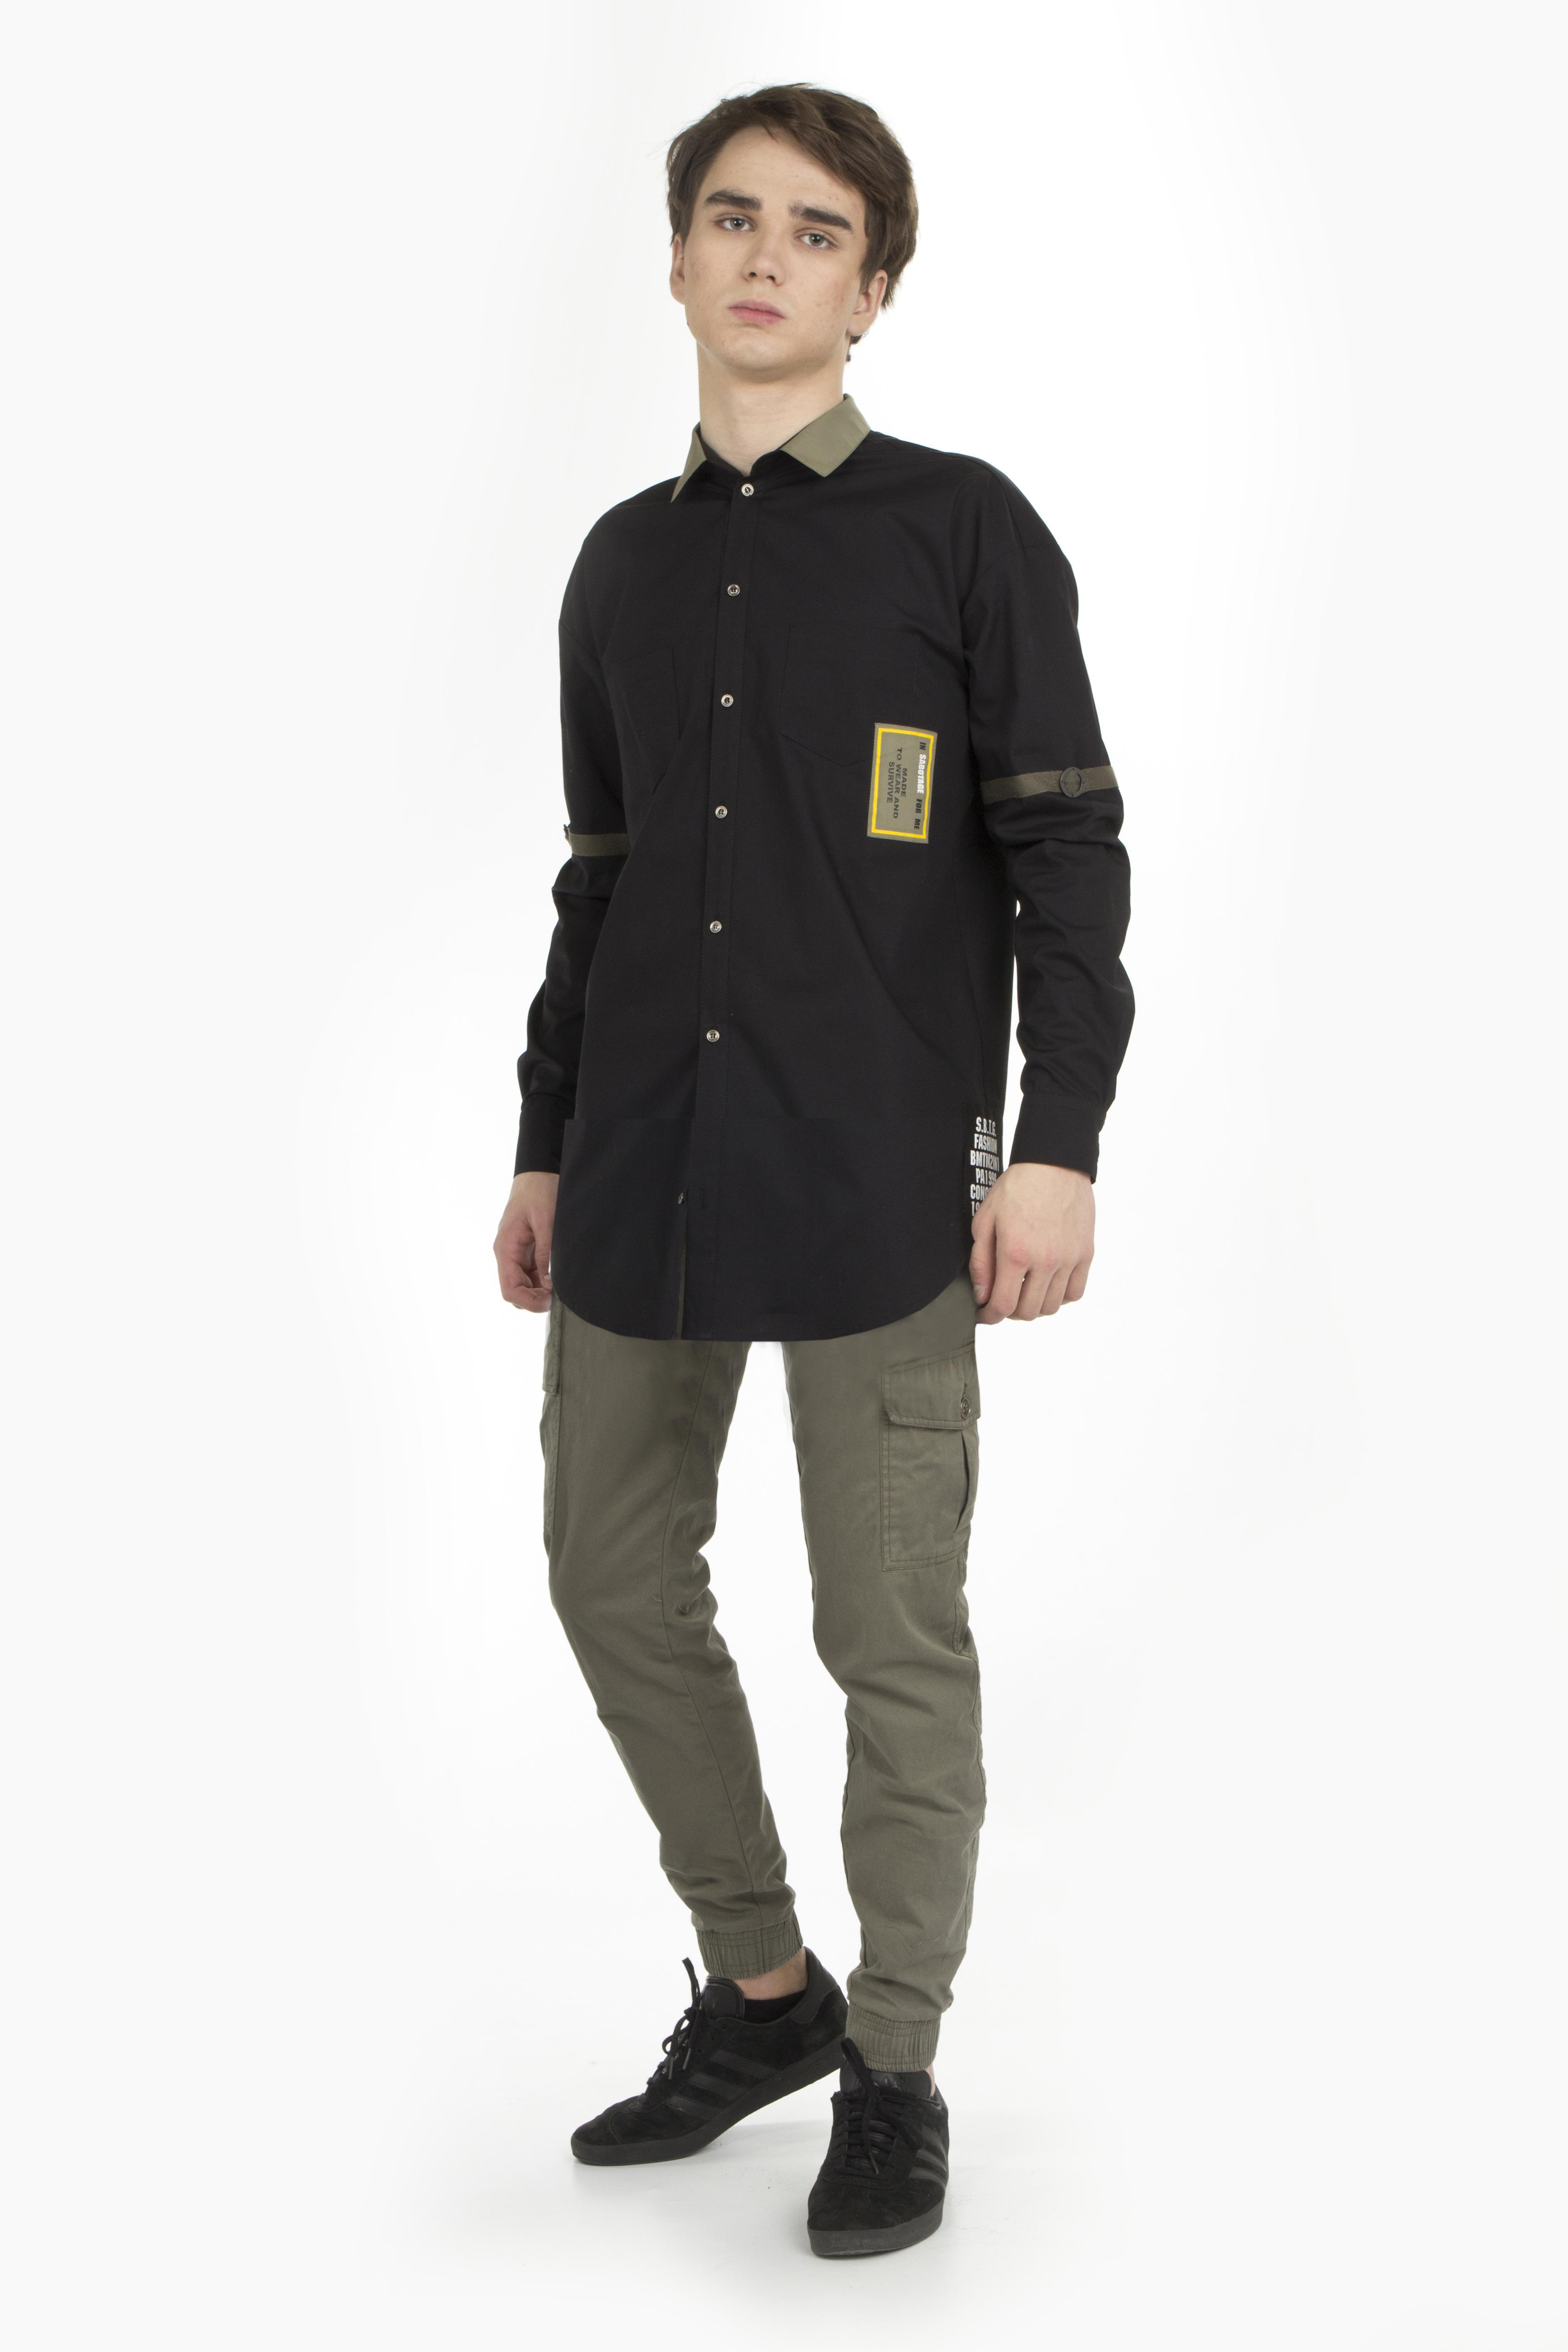 Рубашка для мальчика BHSB026-01A